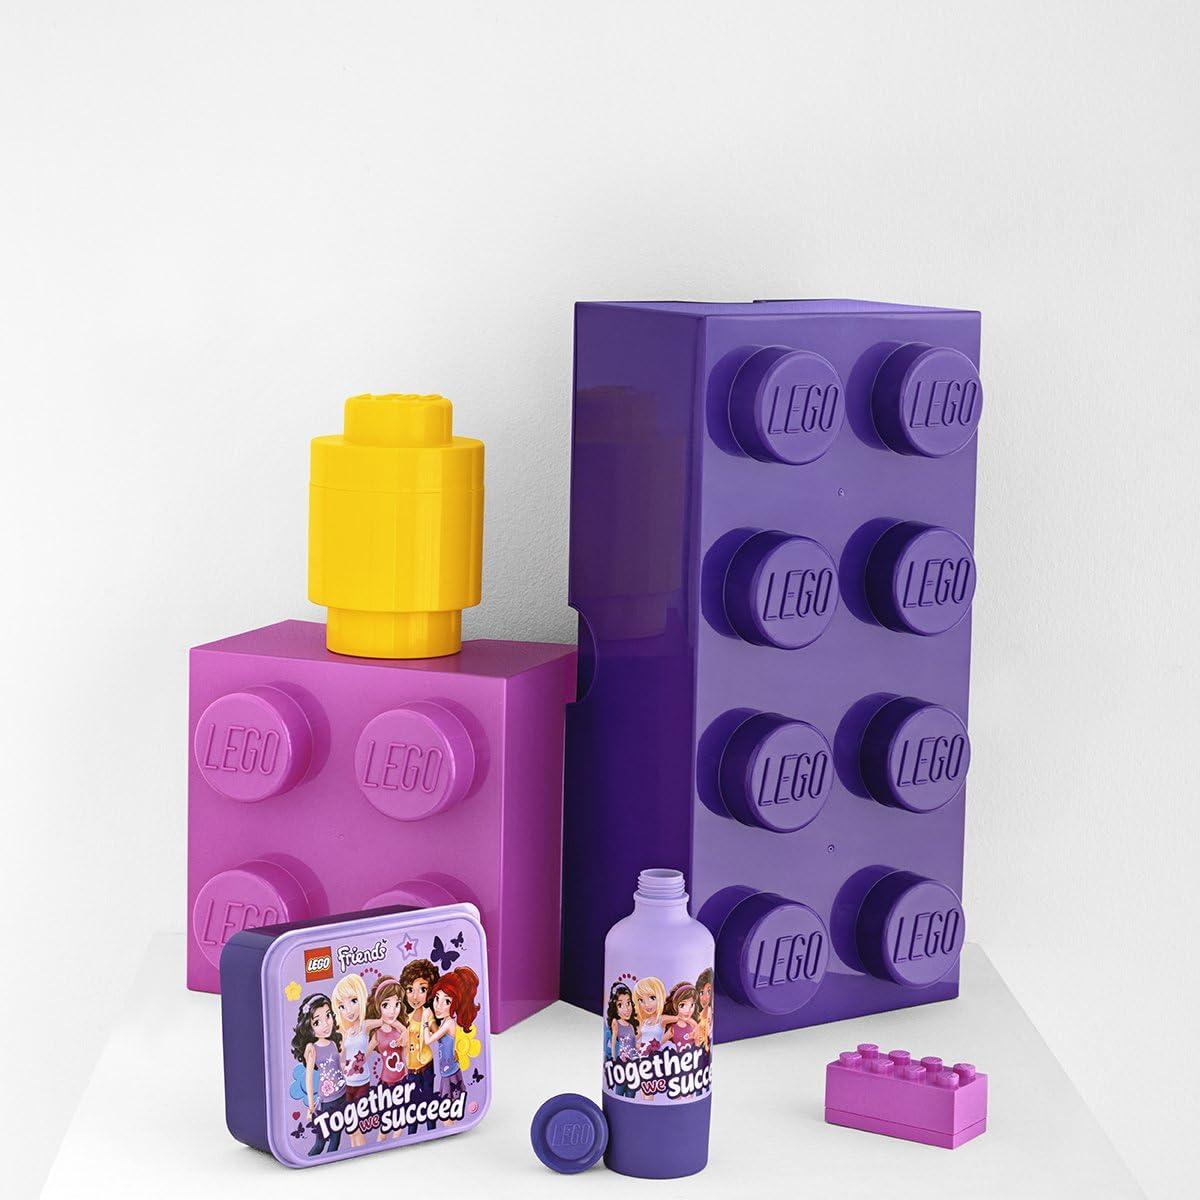 Lego Storage - Storage Box Lego Storage - 2 Pins Lilac - Lego Friends